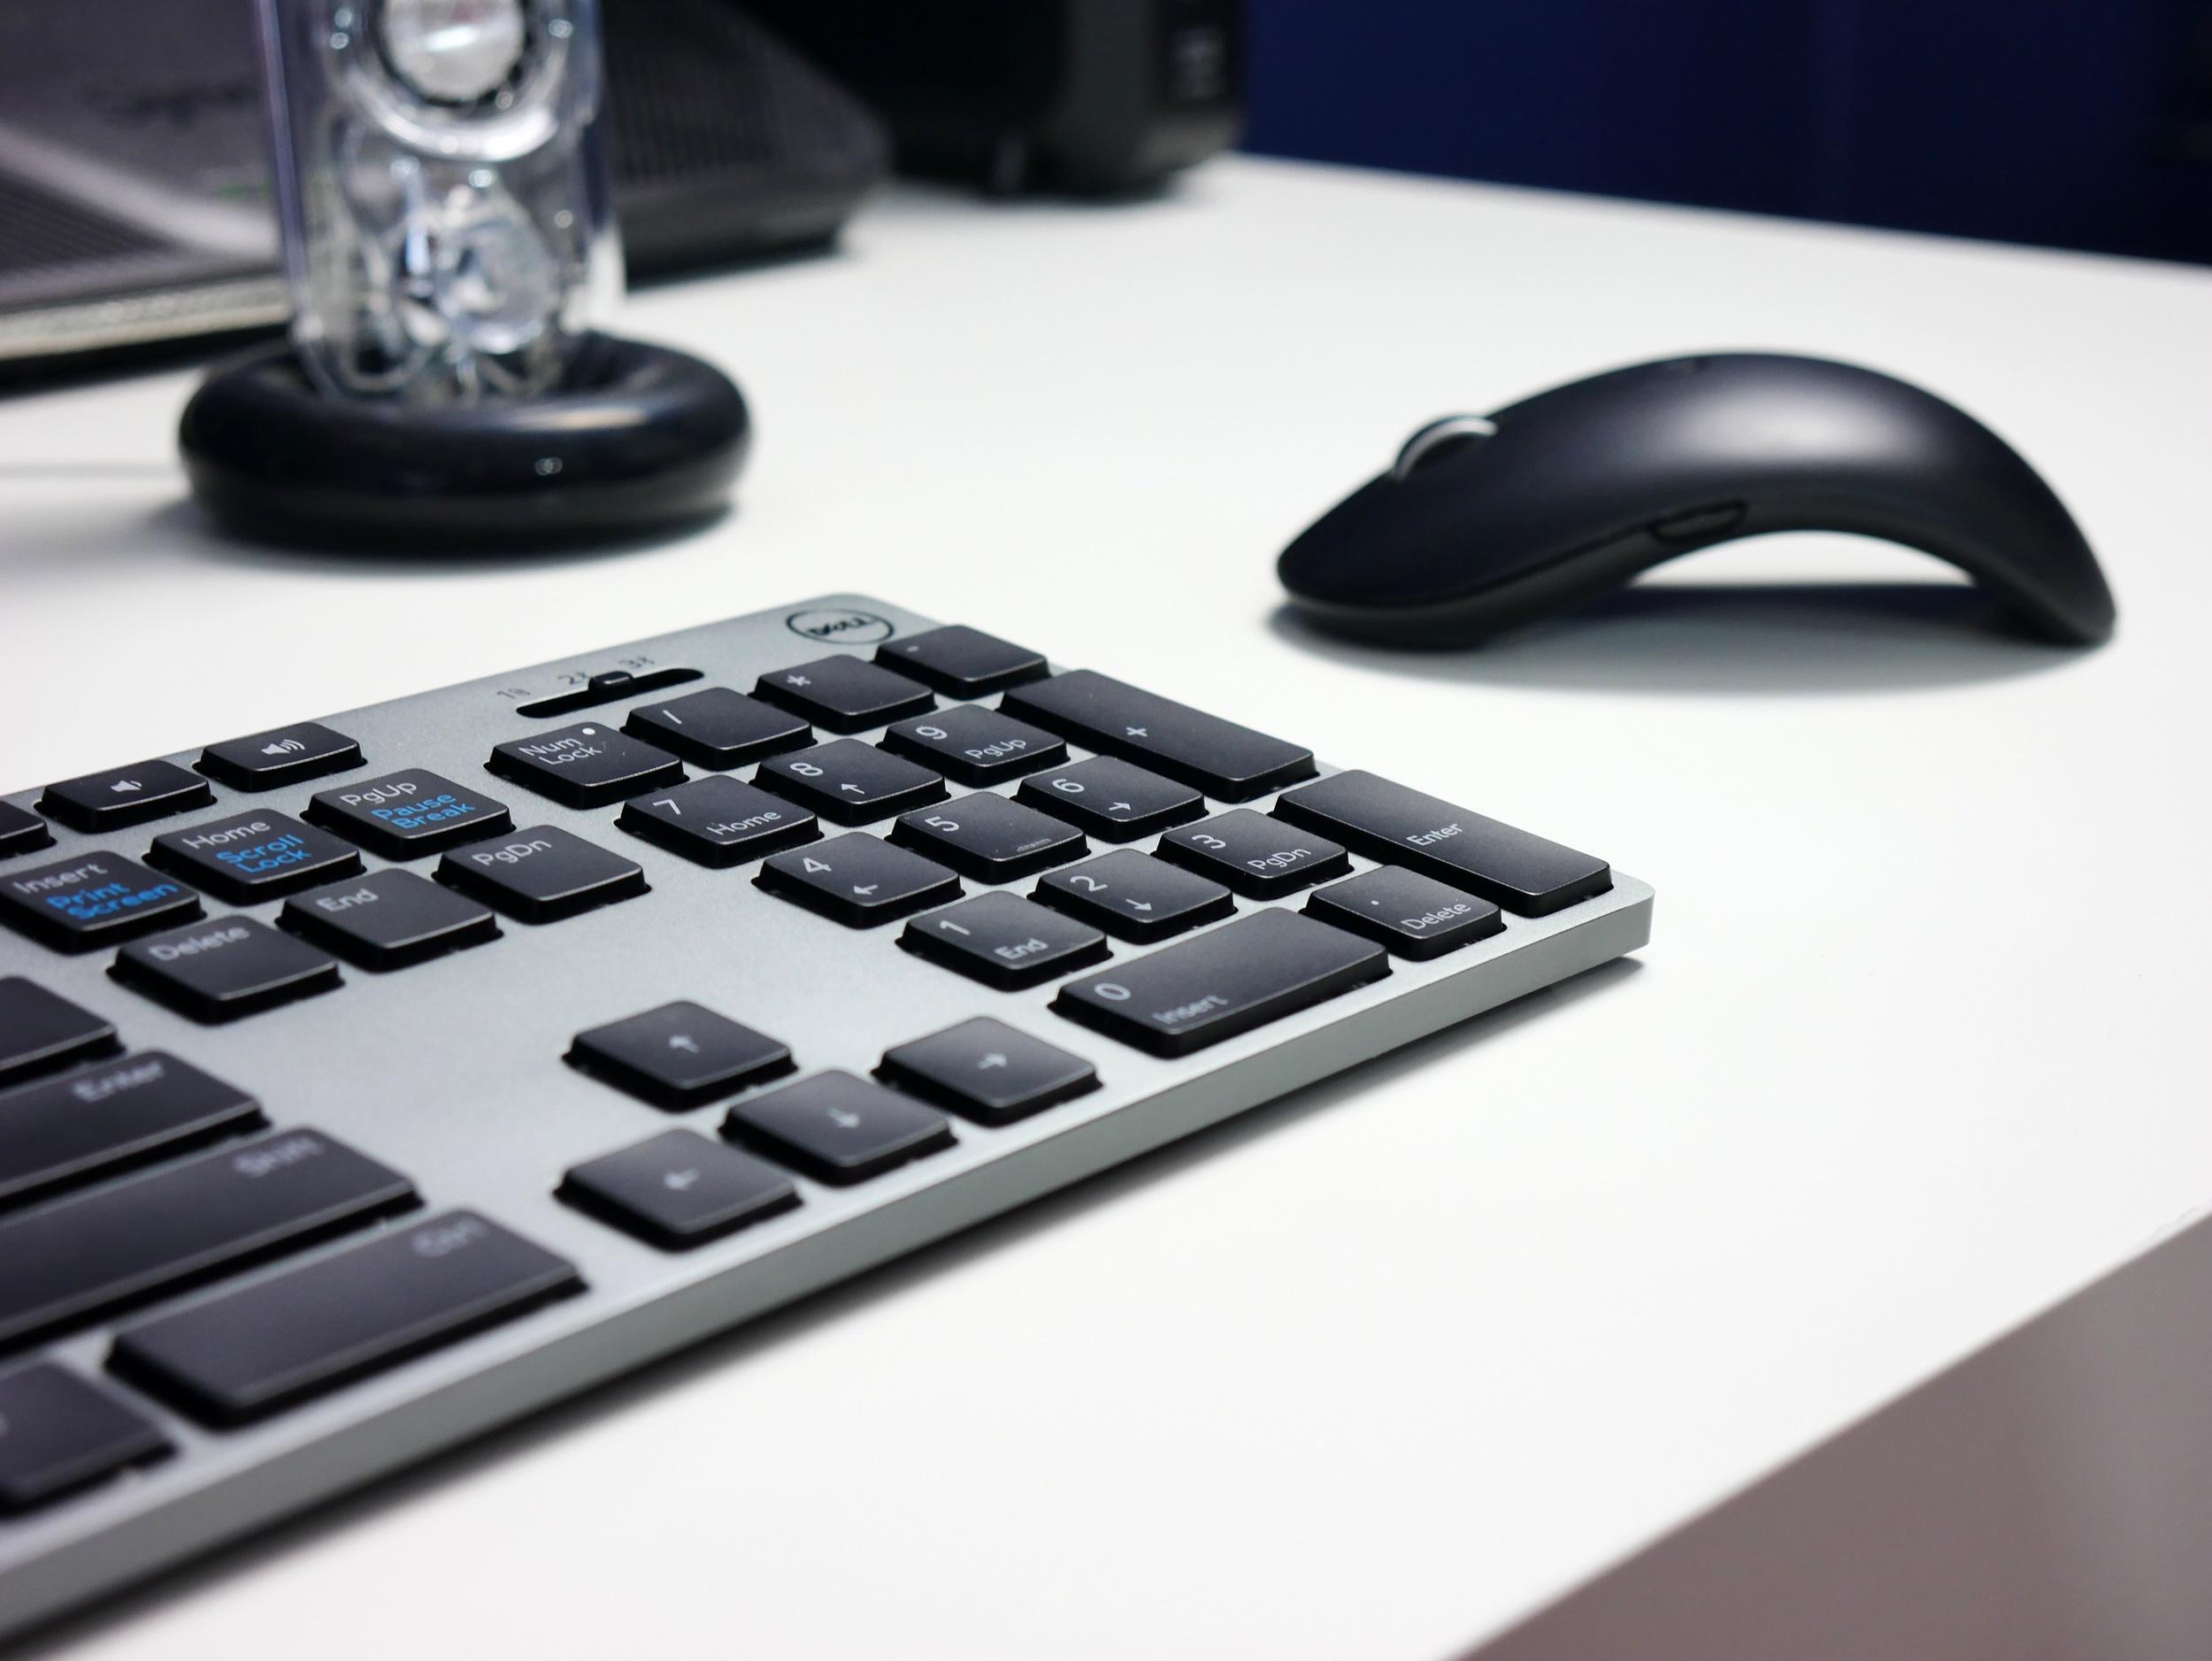 Zestaw Dell KM717